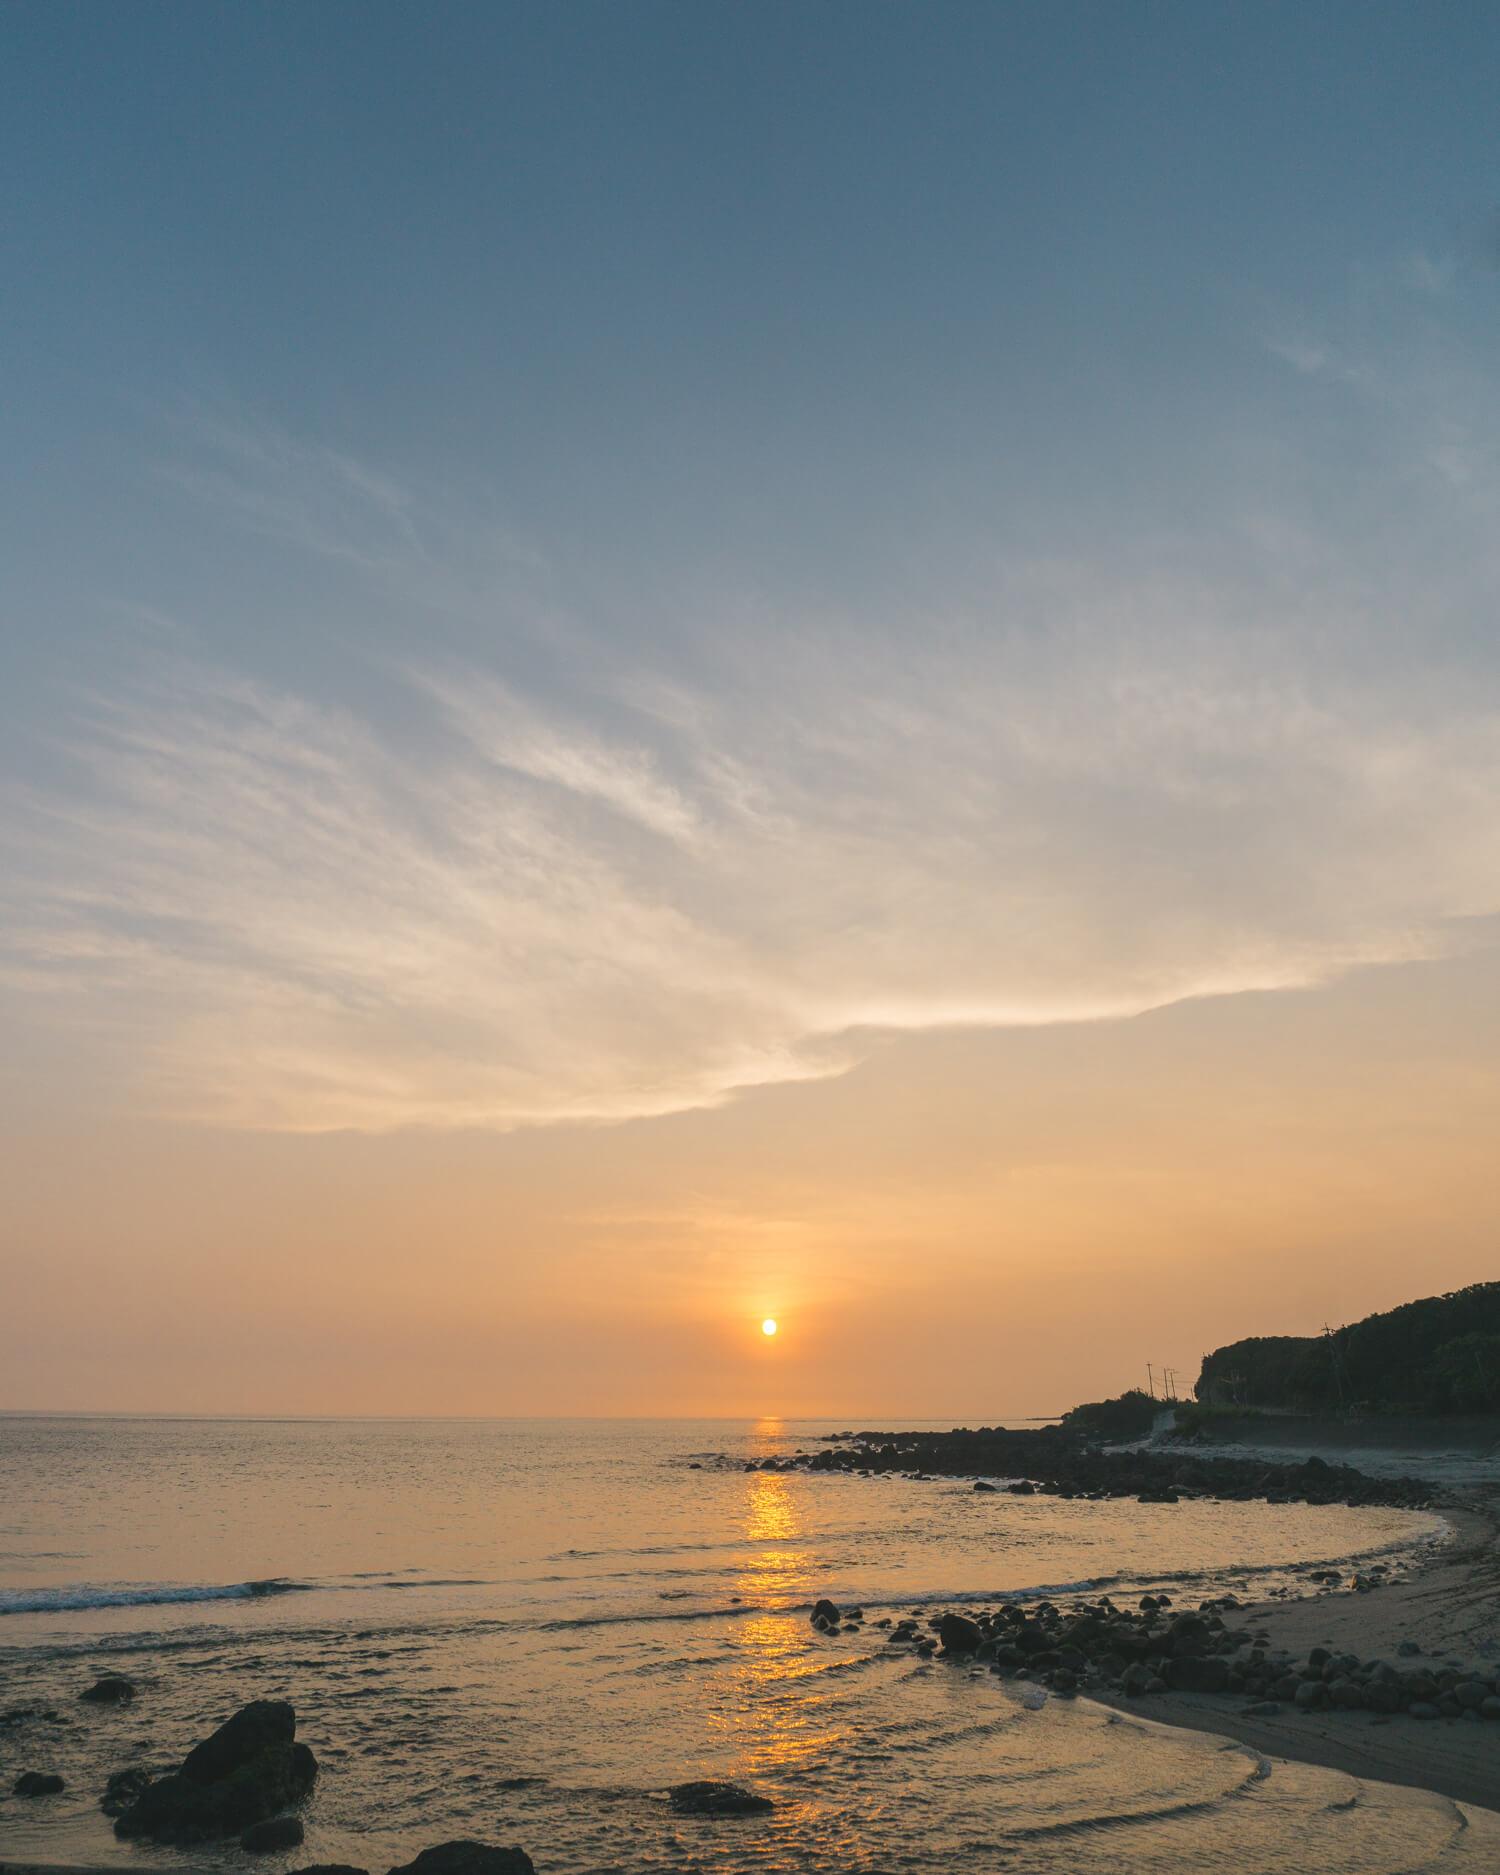 屋久島の海、夕暮れ 屋久島海とジュエリー オーダメイドマリッジリングのモチーフ 屋久島でつくる結婚指輪